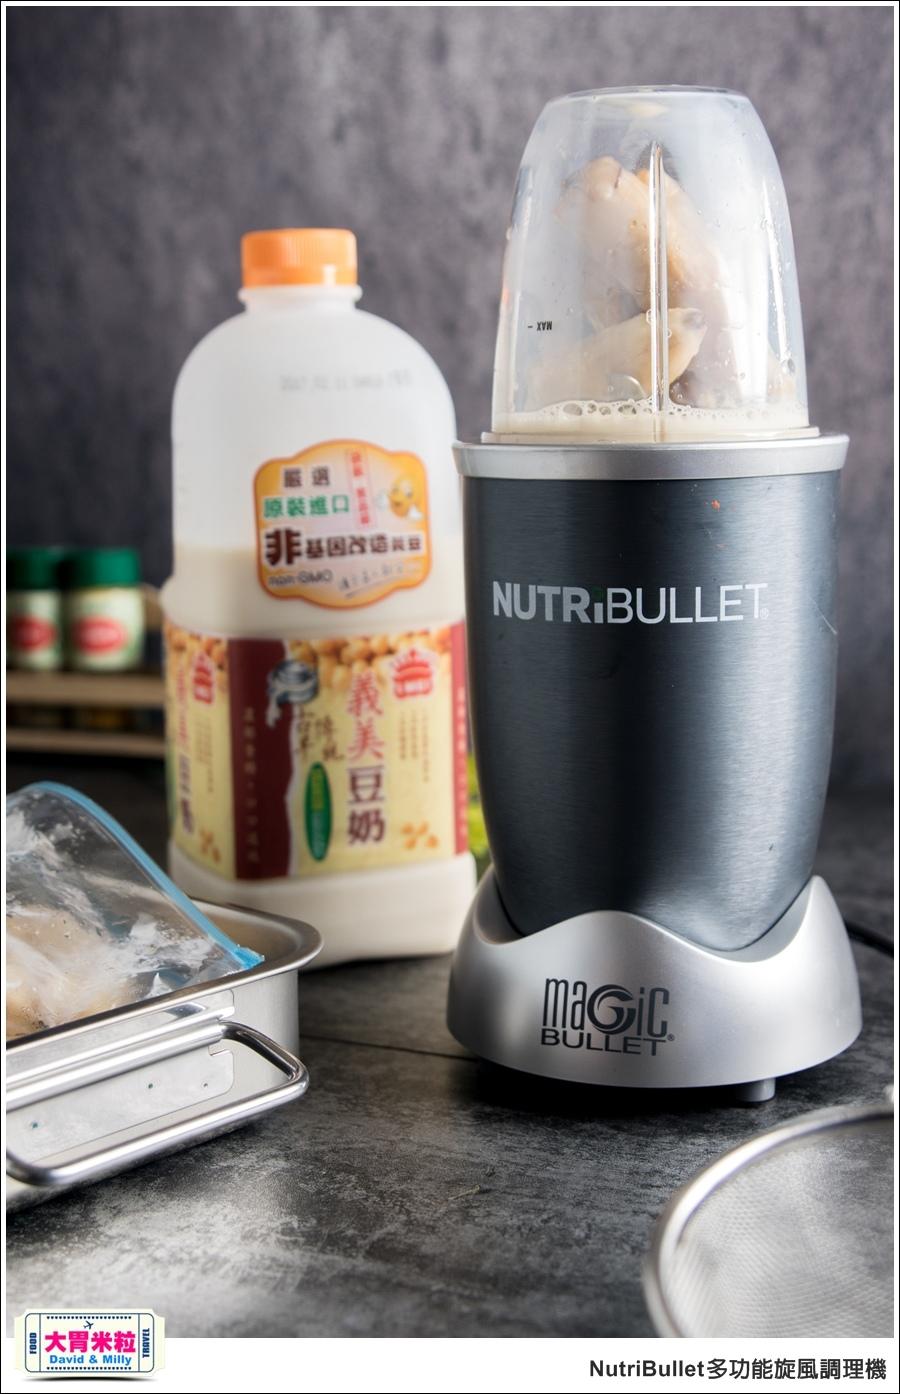 食物調理機推薦@美國NutriBullet高效精萃多功能旋風調理機@大胃米粒_023.jpg